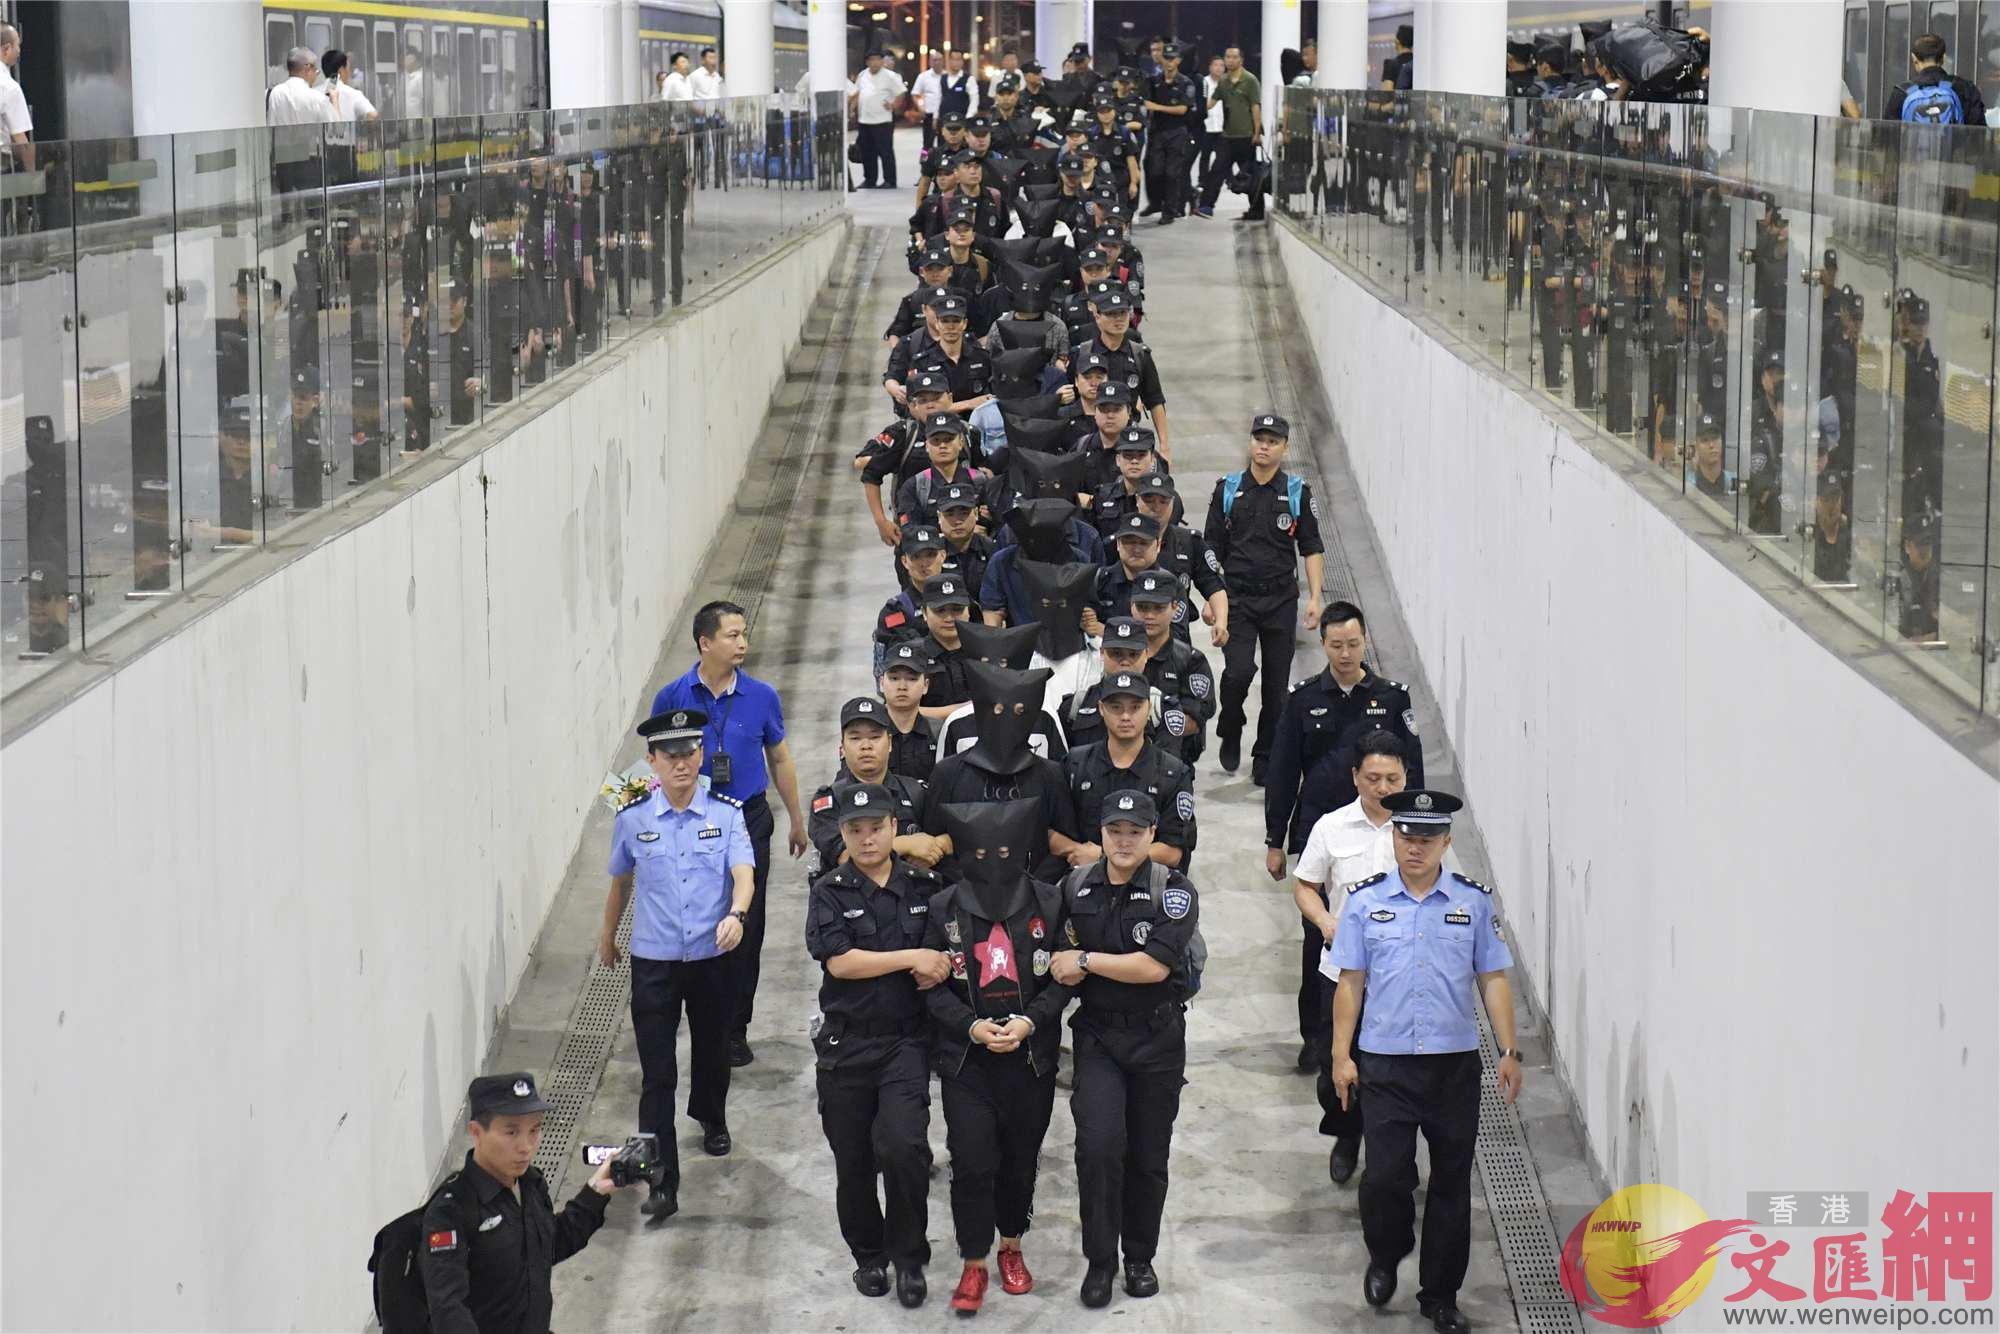 9月9日晚,專案組將詐騙案31名主要犯罪嫌疑人全部押解回深(龍崗警方供圖)